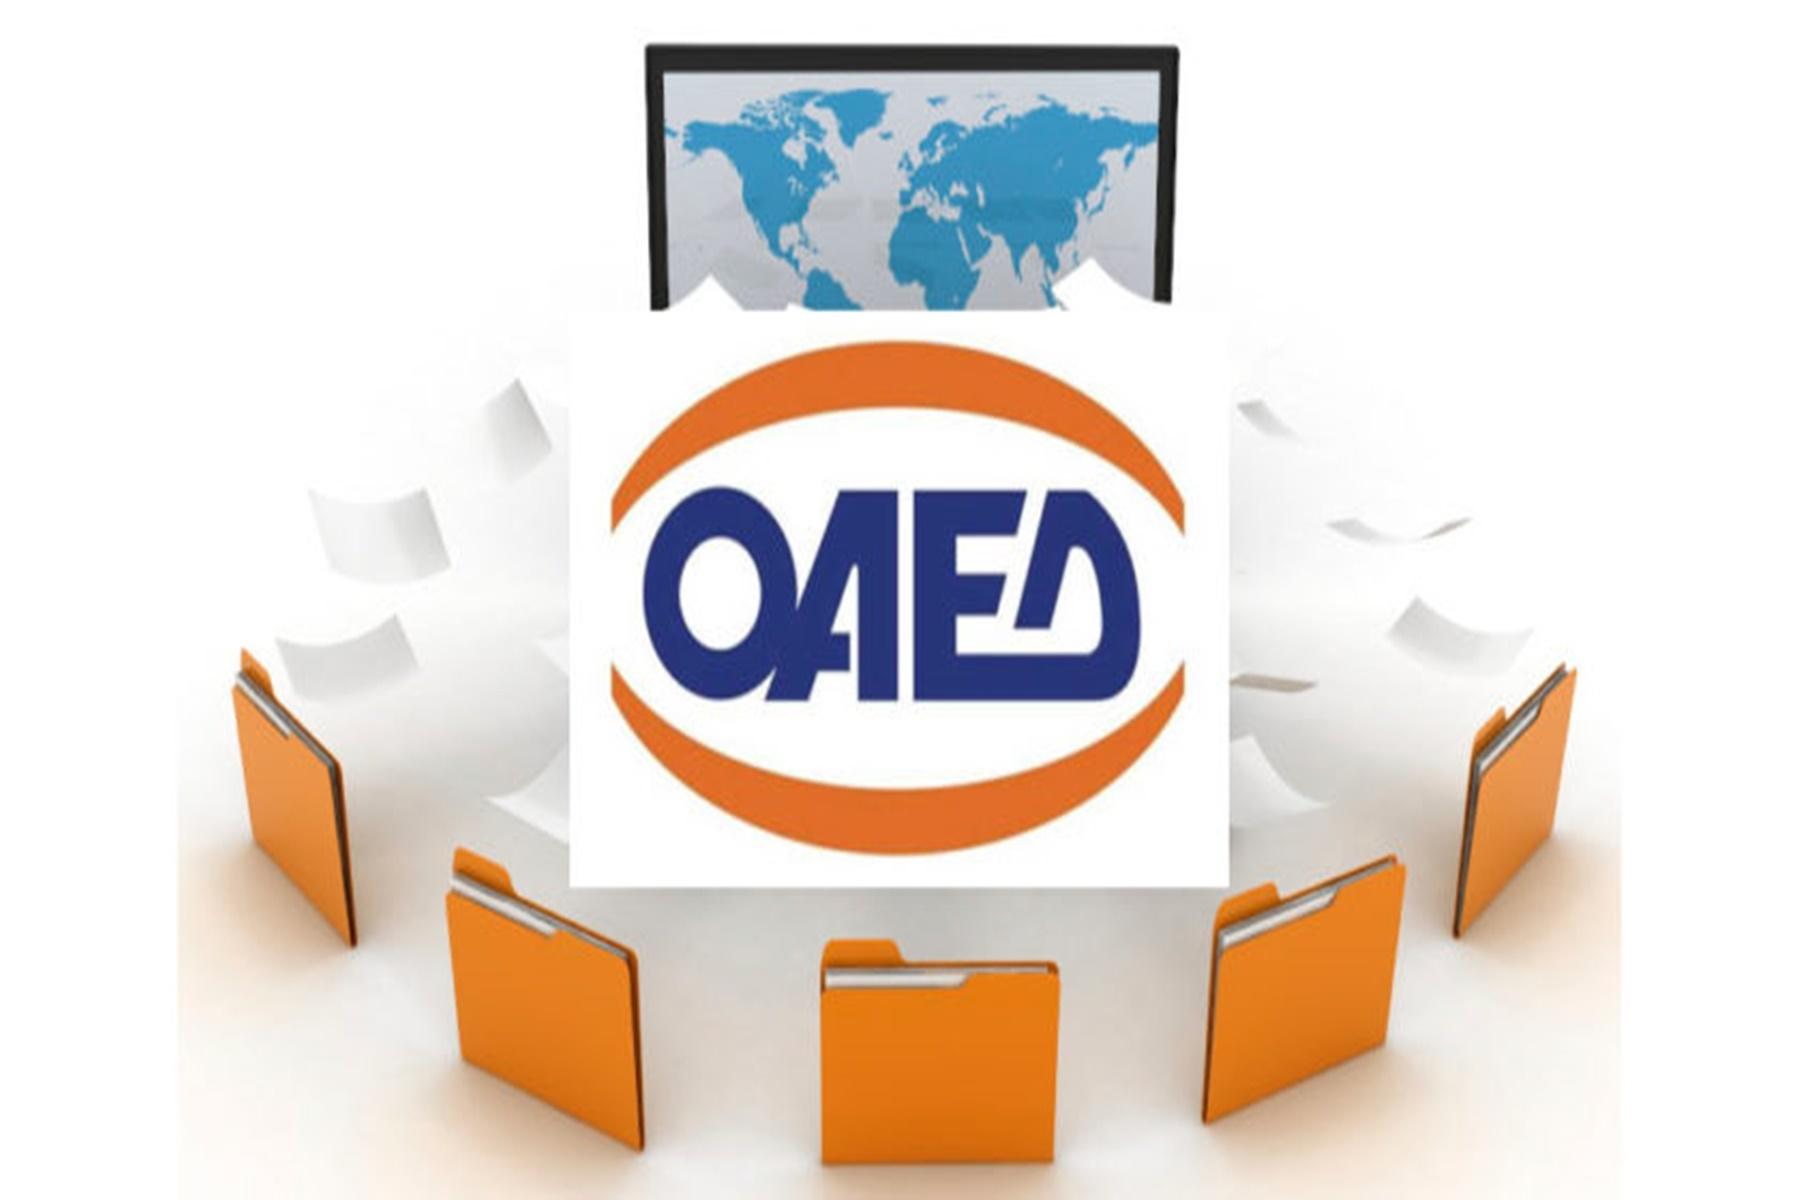 ΟΑΕΔ Κοινωνικός Τουρισμός : Πάνω από 142.143 αιτήσεις υπεβλήθησαν